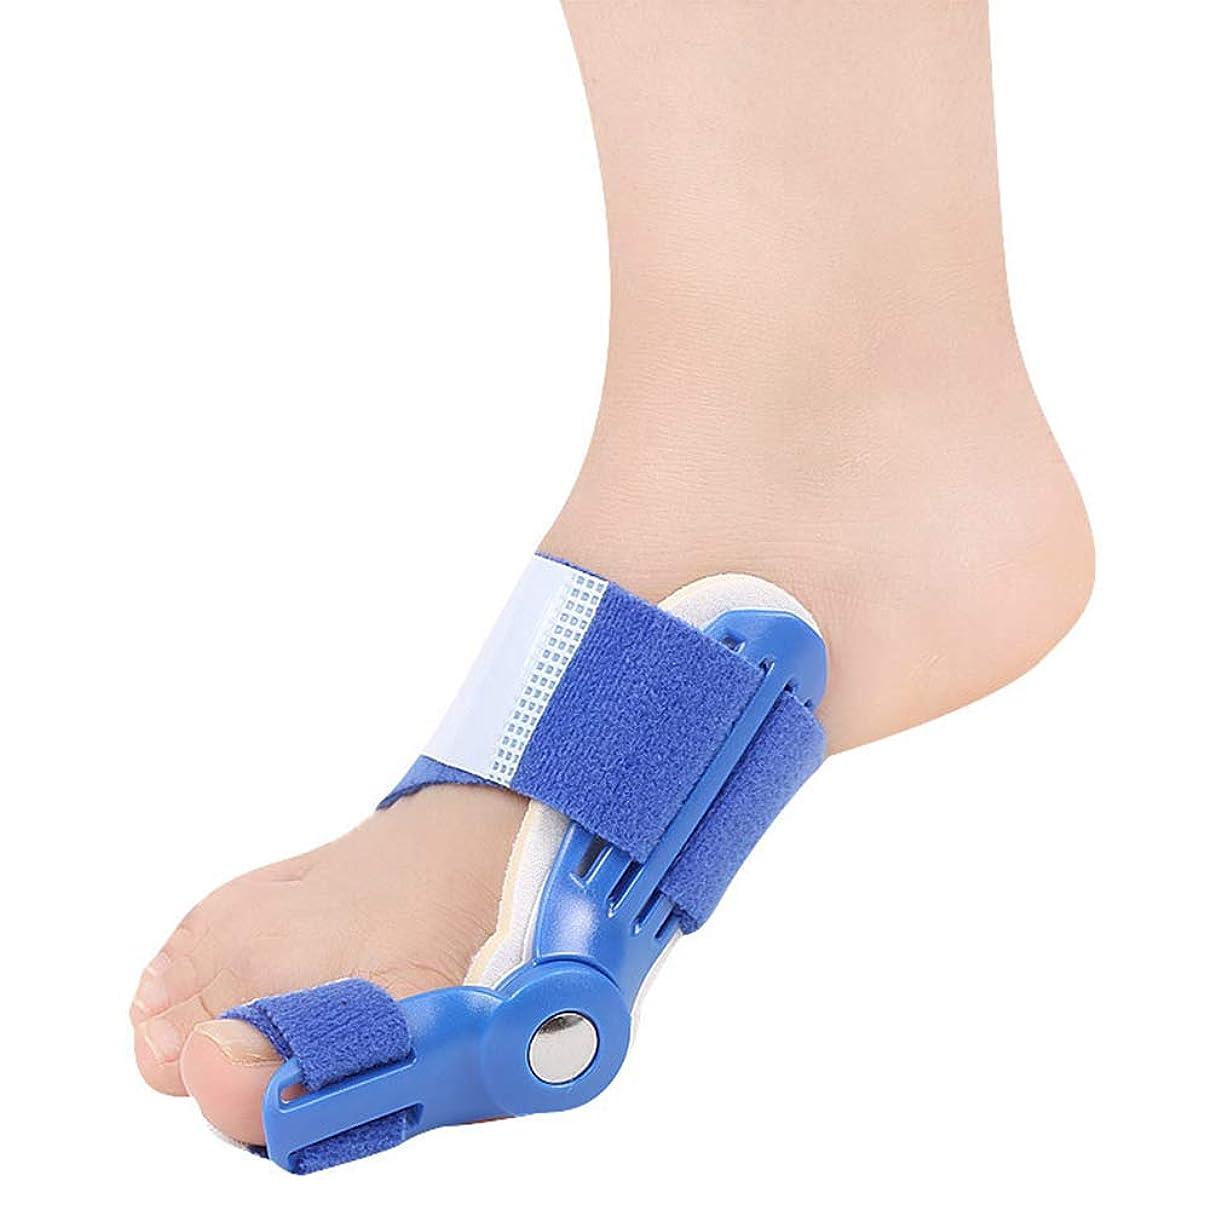 メロディアス著作権曲がったつま先セパレーターは、ヨガのエクササイズ後のつま先重なりの腱板ユニバーサル左右ワンサイズ予防の痛みと変形を防ぎます,ブルー